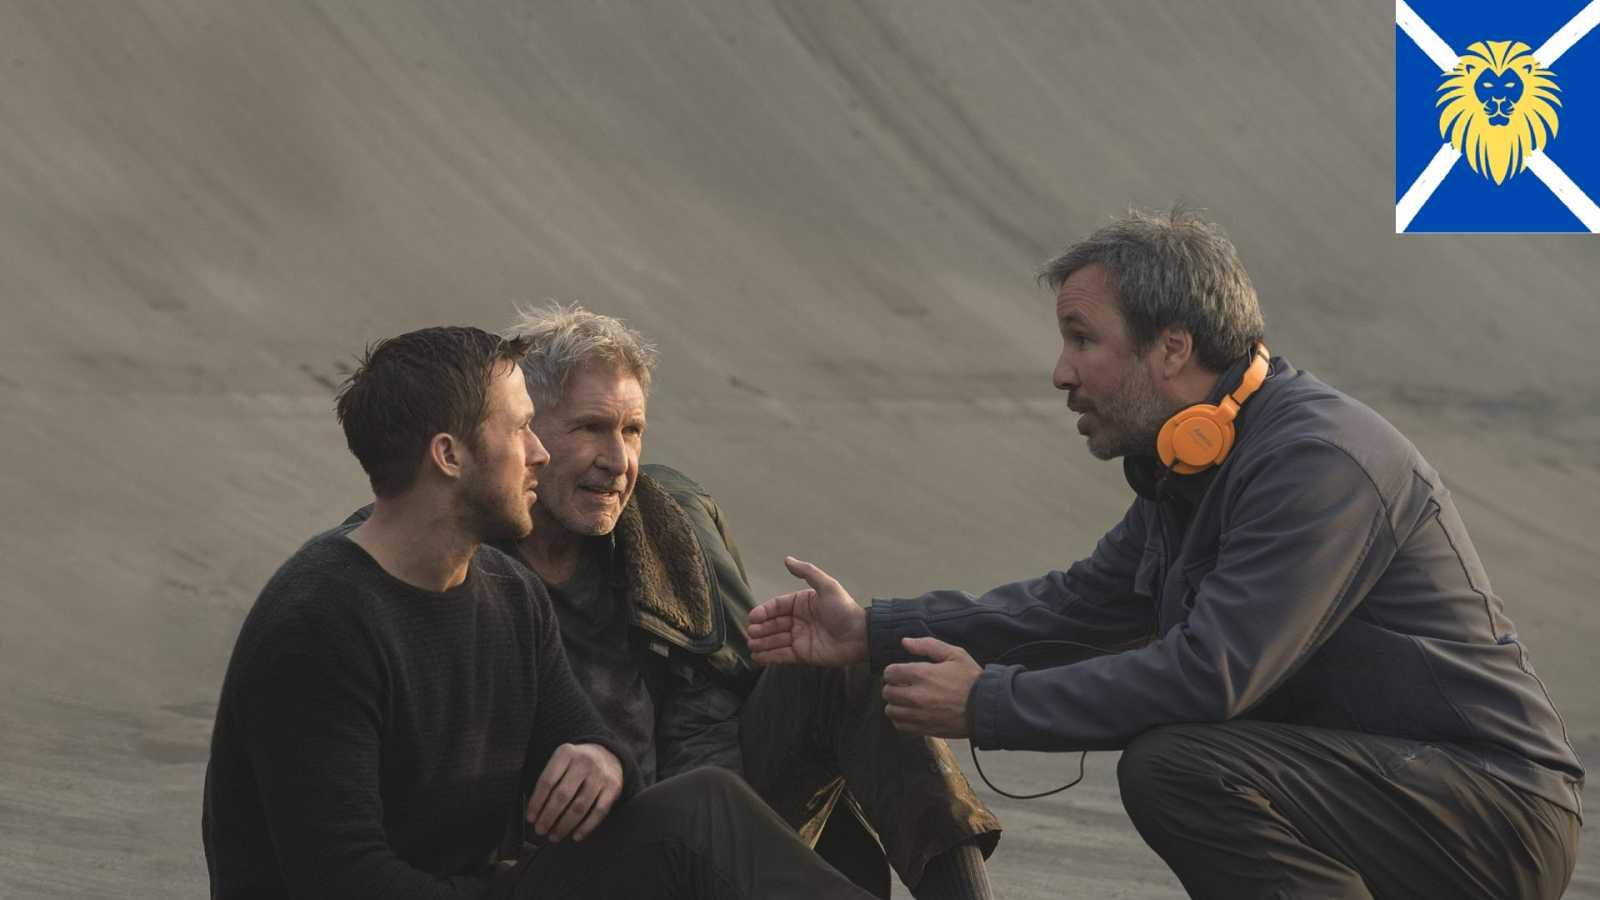 No hay leones en Escocia - Denis Villeneuve: Las claves de un bicho raro en Hollywood - 17/09/21 - Escuchar ahora